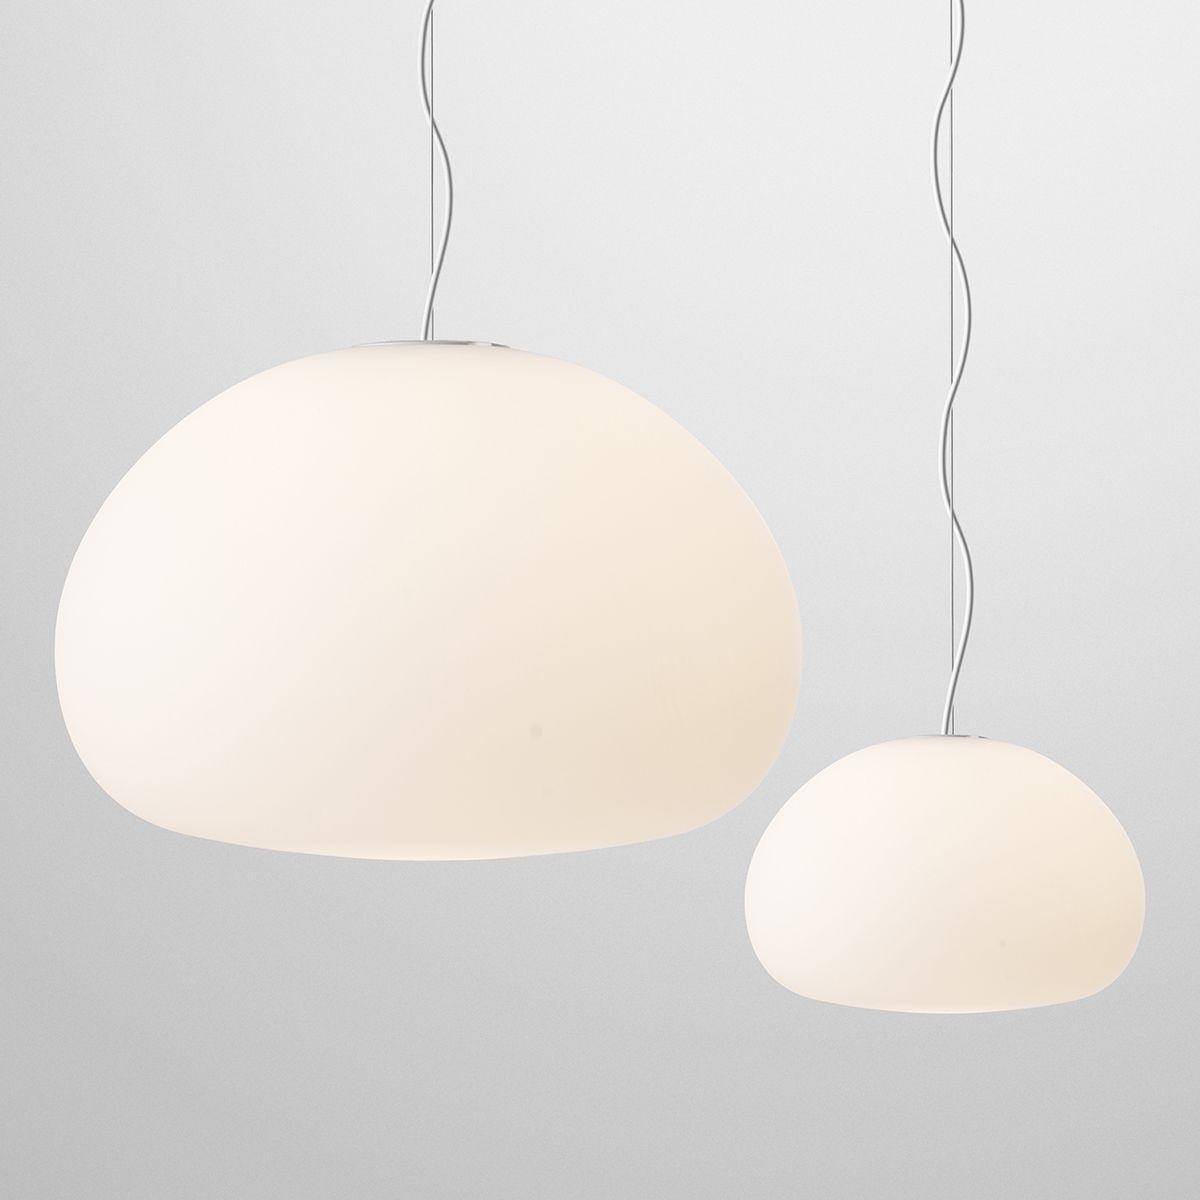 Muuto Fluid Pendant Light